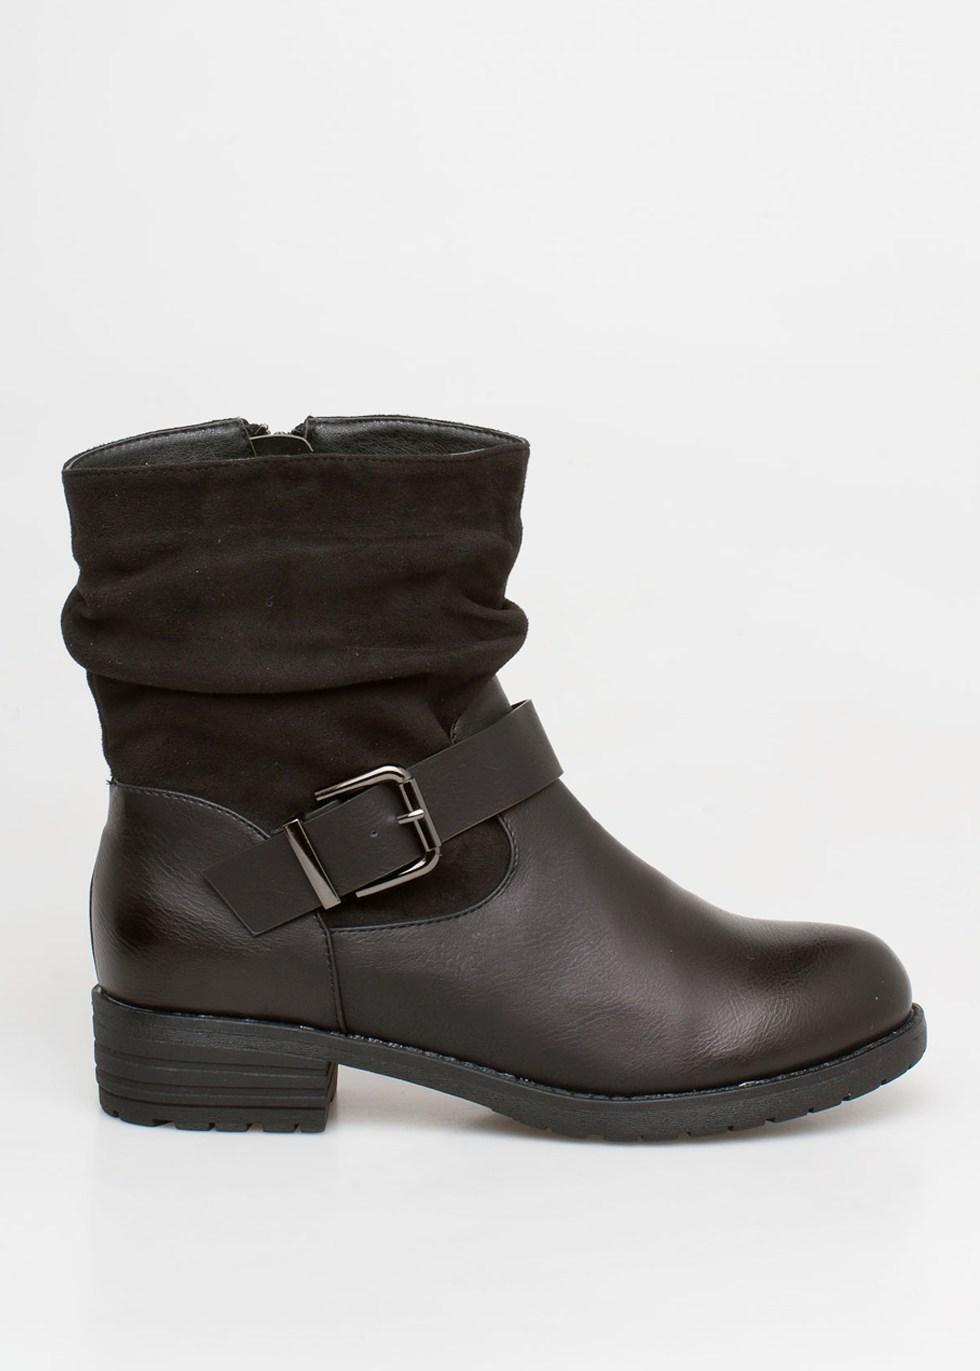 Arden suede boot, μαύρο